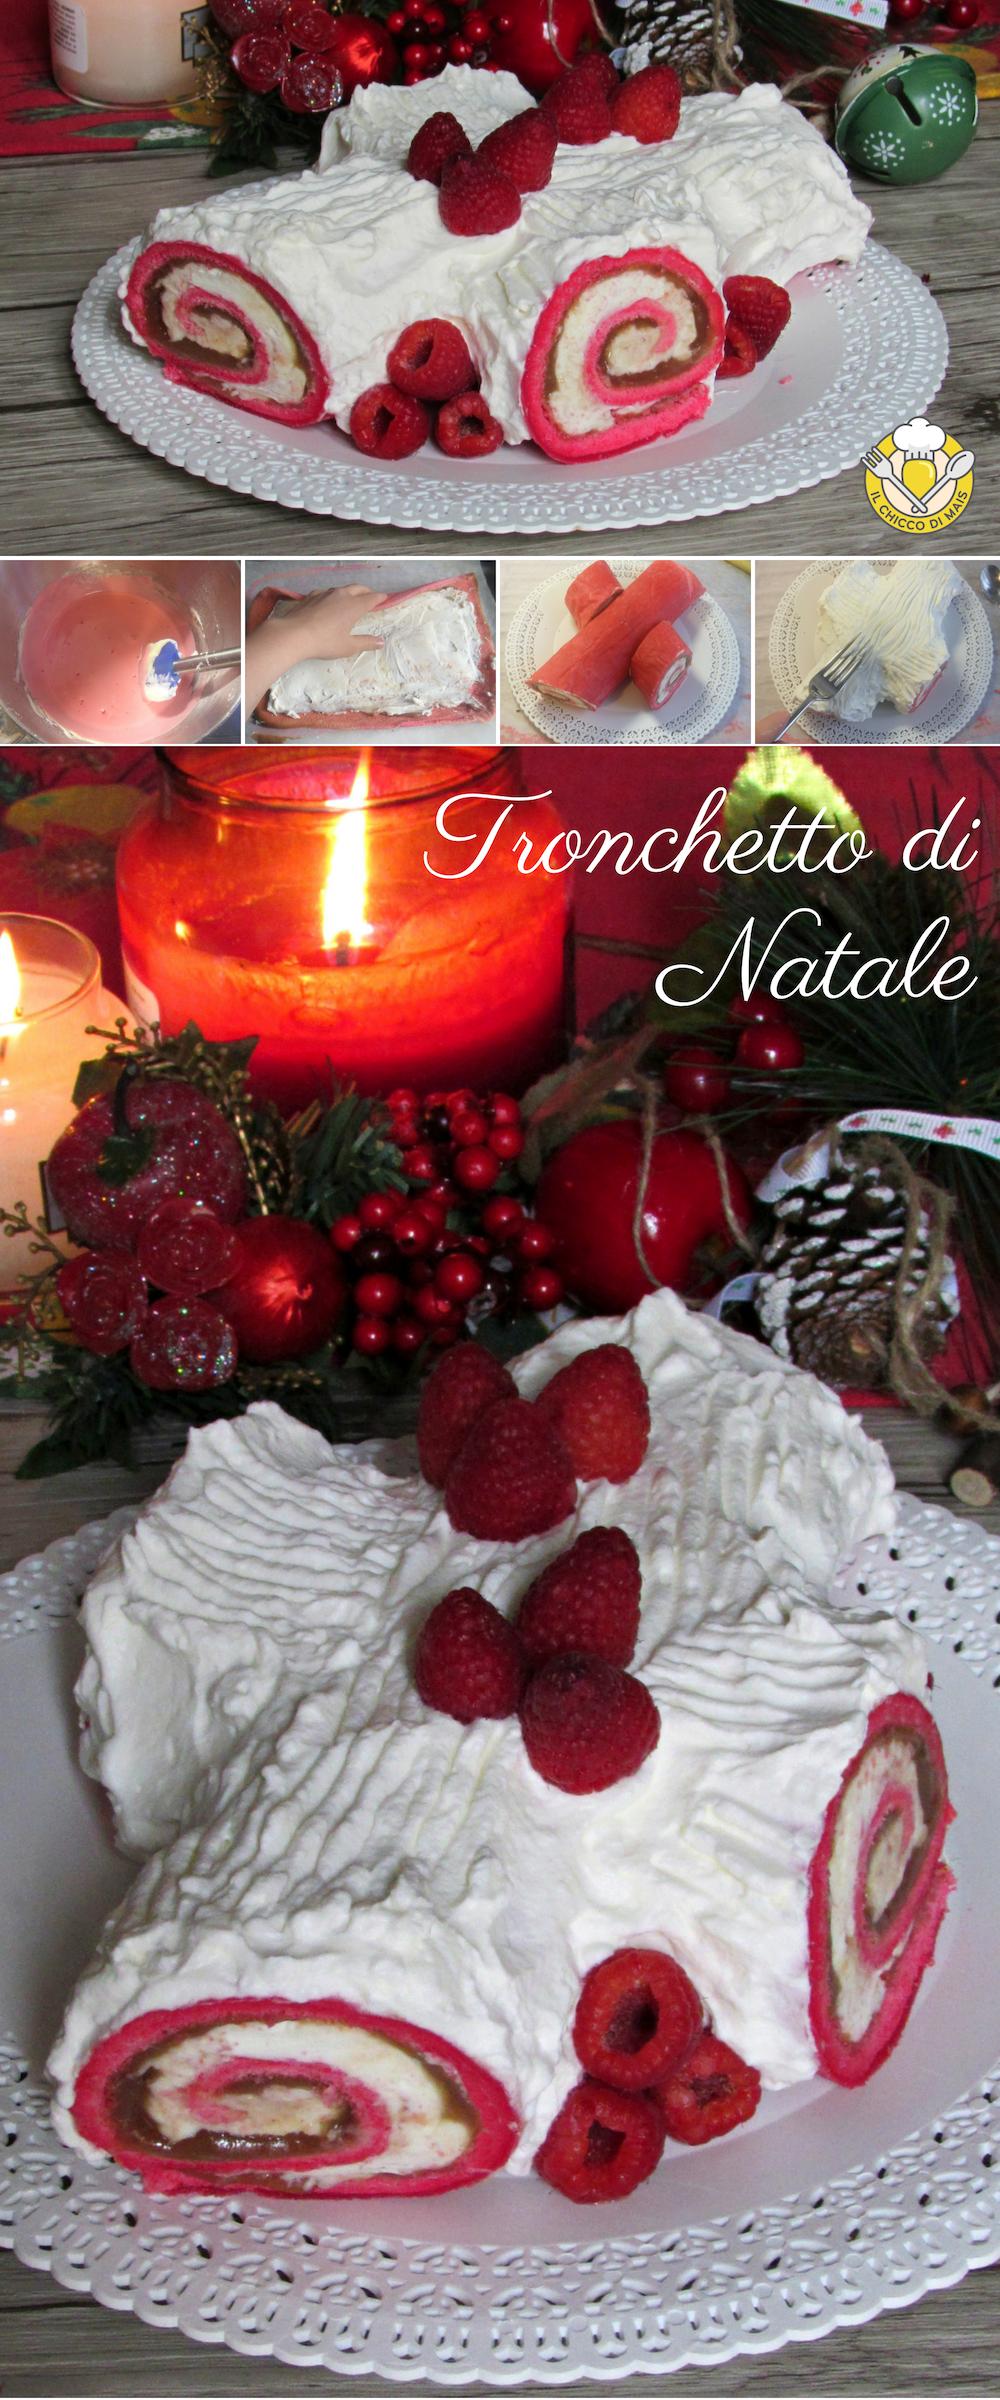 Torta Tronchetto Di Natale.Tronchetto Di Natale Bianco E Rosso Farcito Con Crema Al Mascarpone